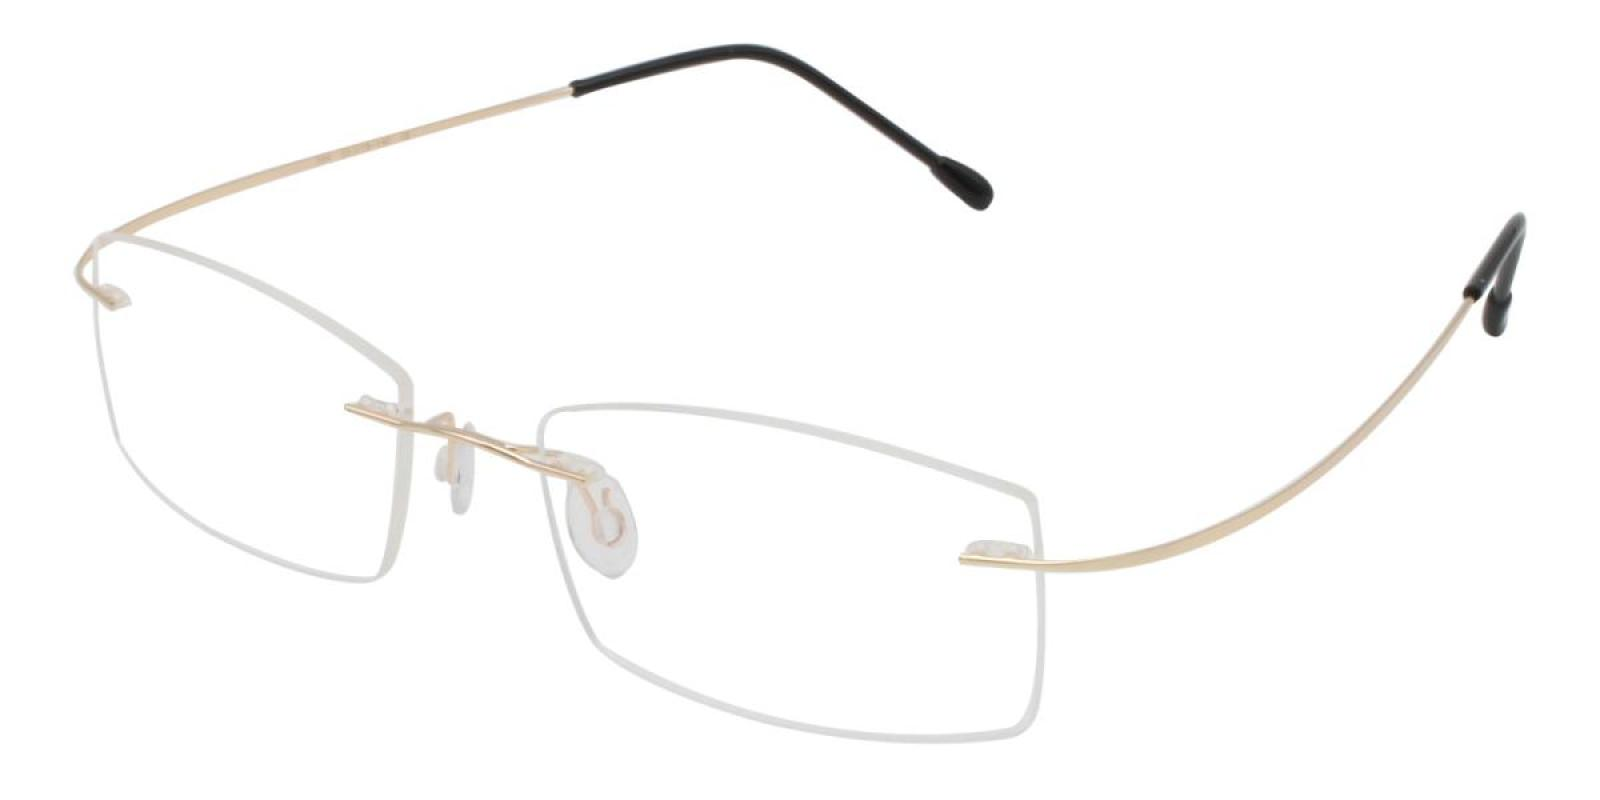 Slimly-Gold-Varieties-Memory / Metal-Eyeglasses-additional1